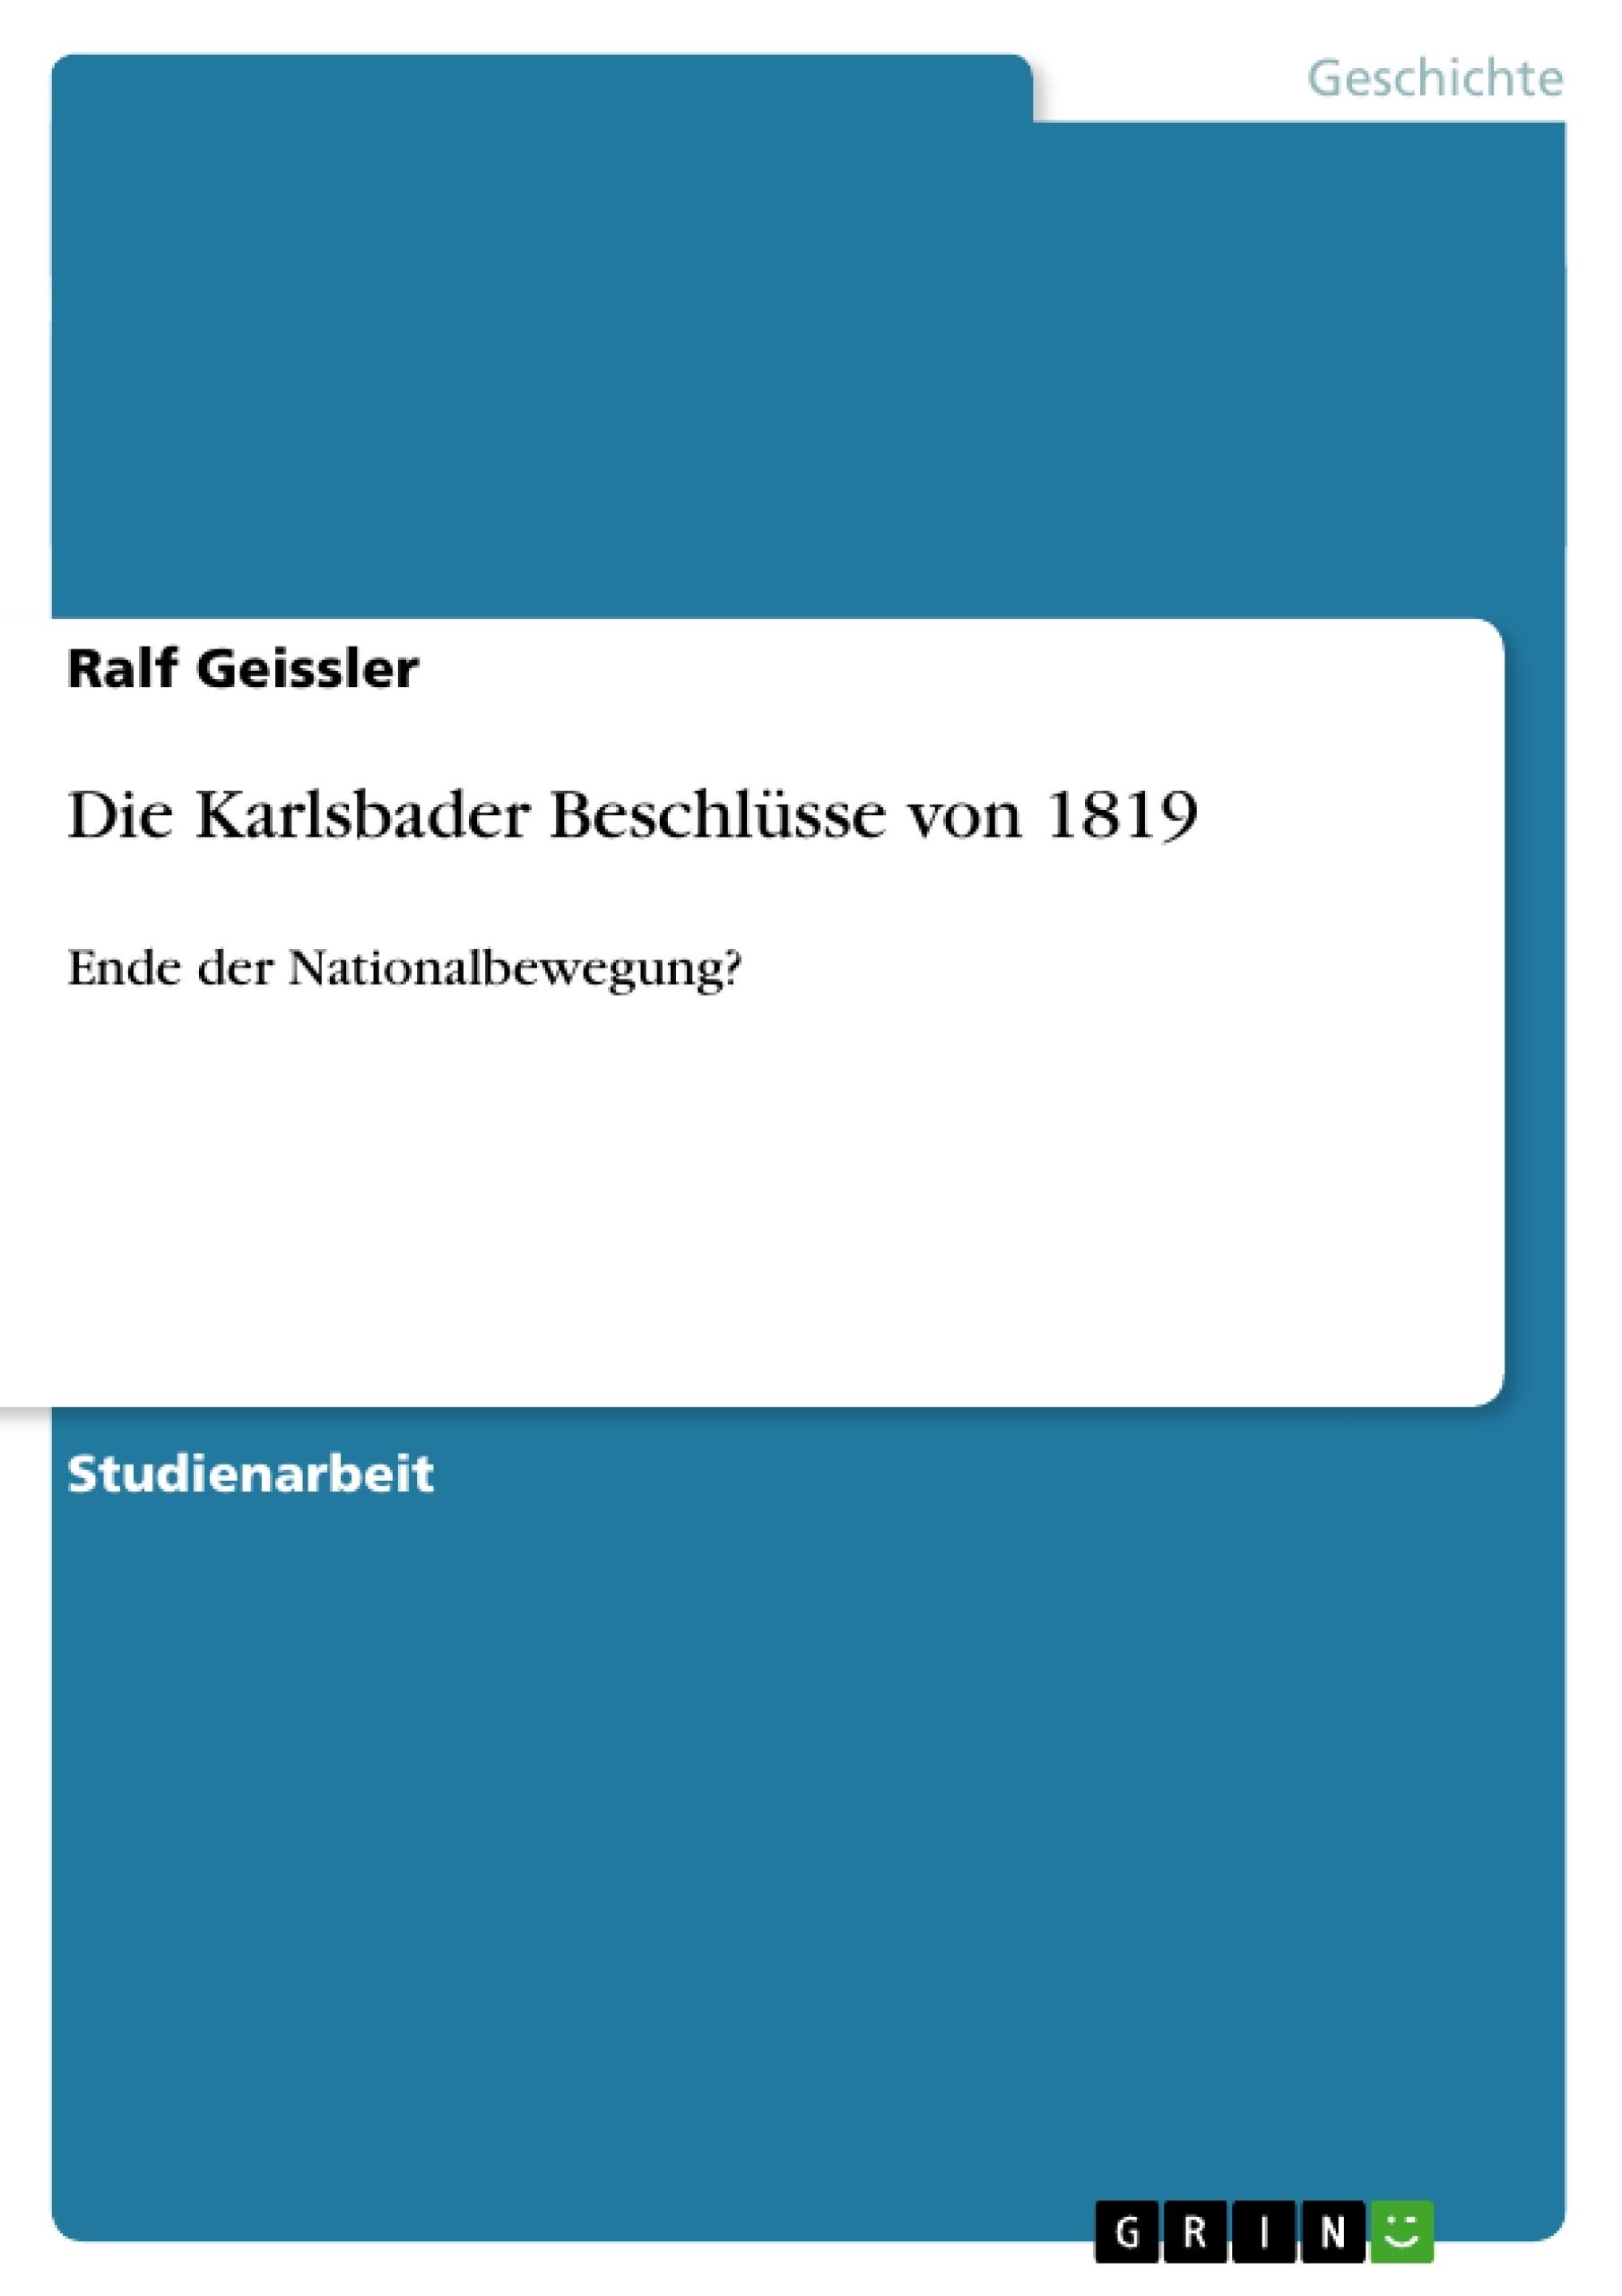 Titel: Die Karlsbader Beschlüsse von 1819